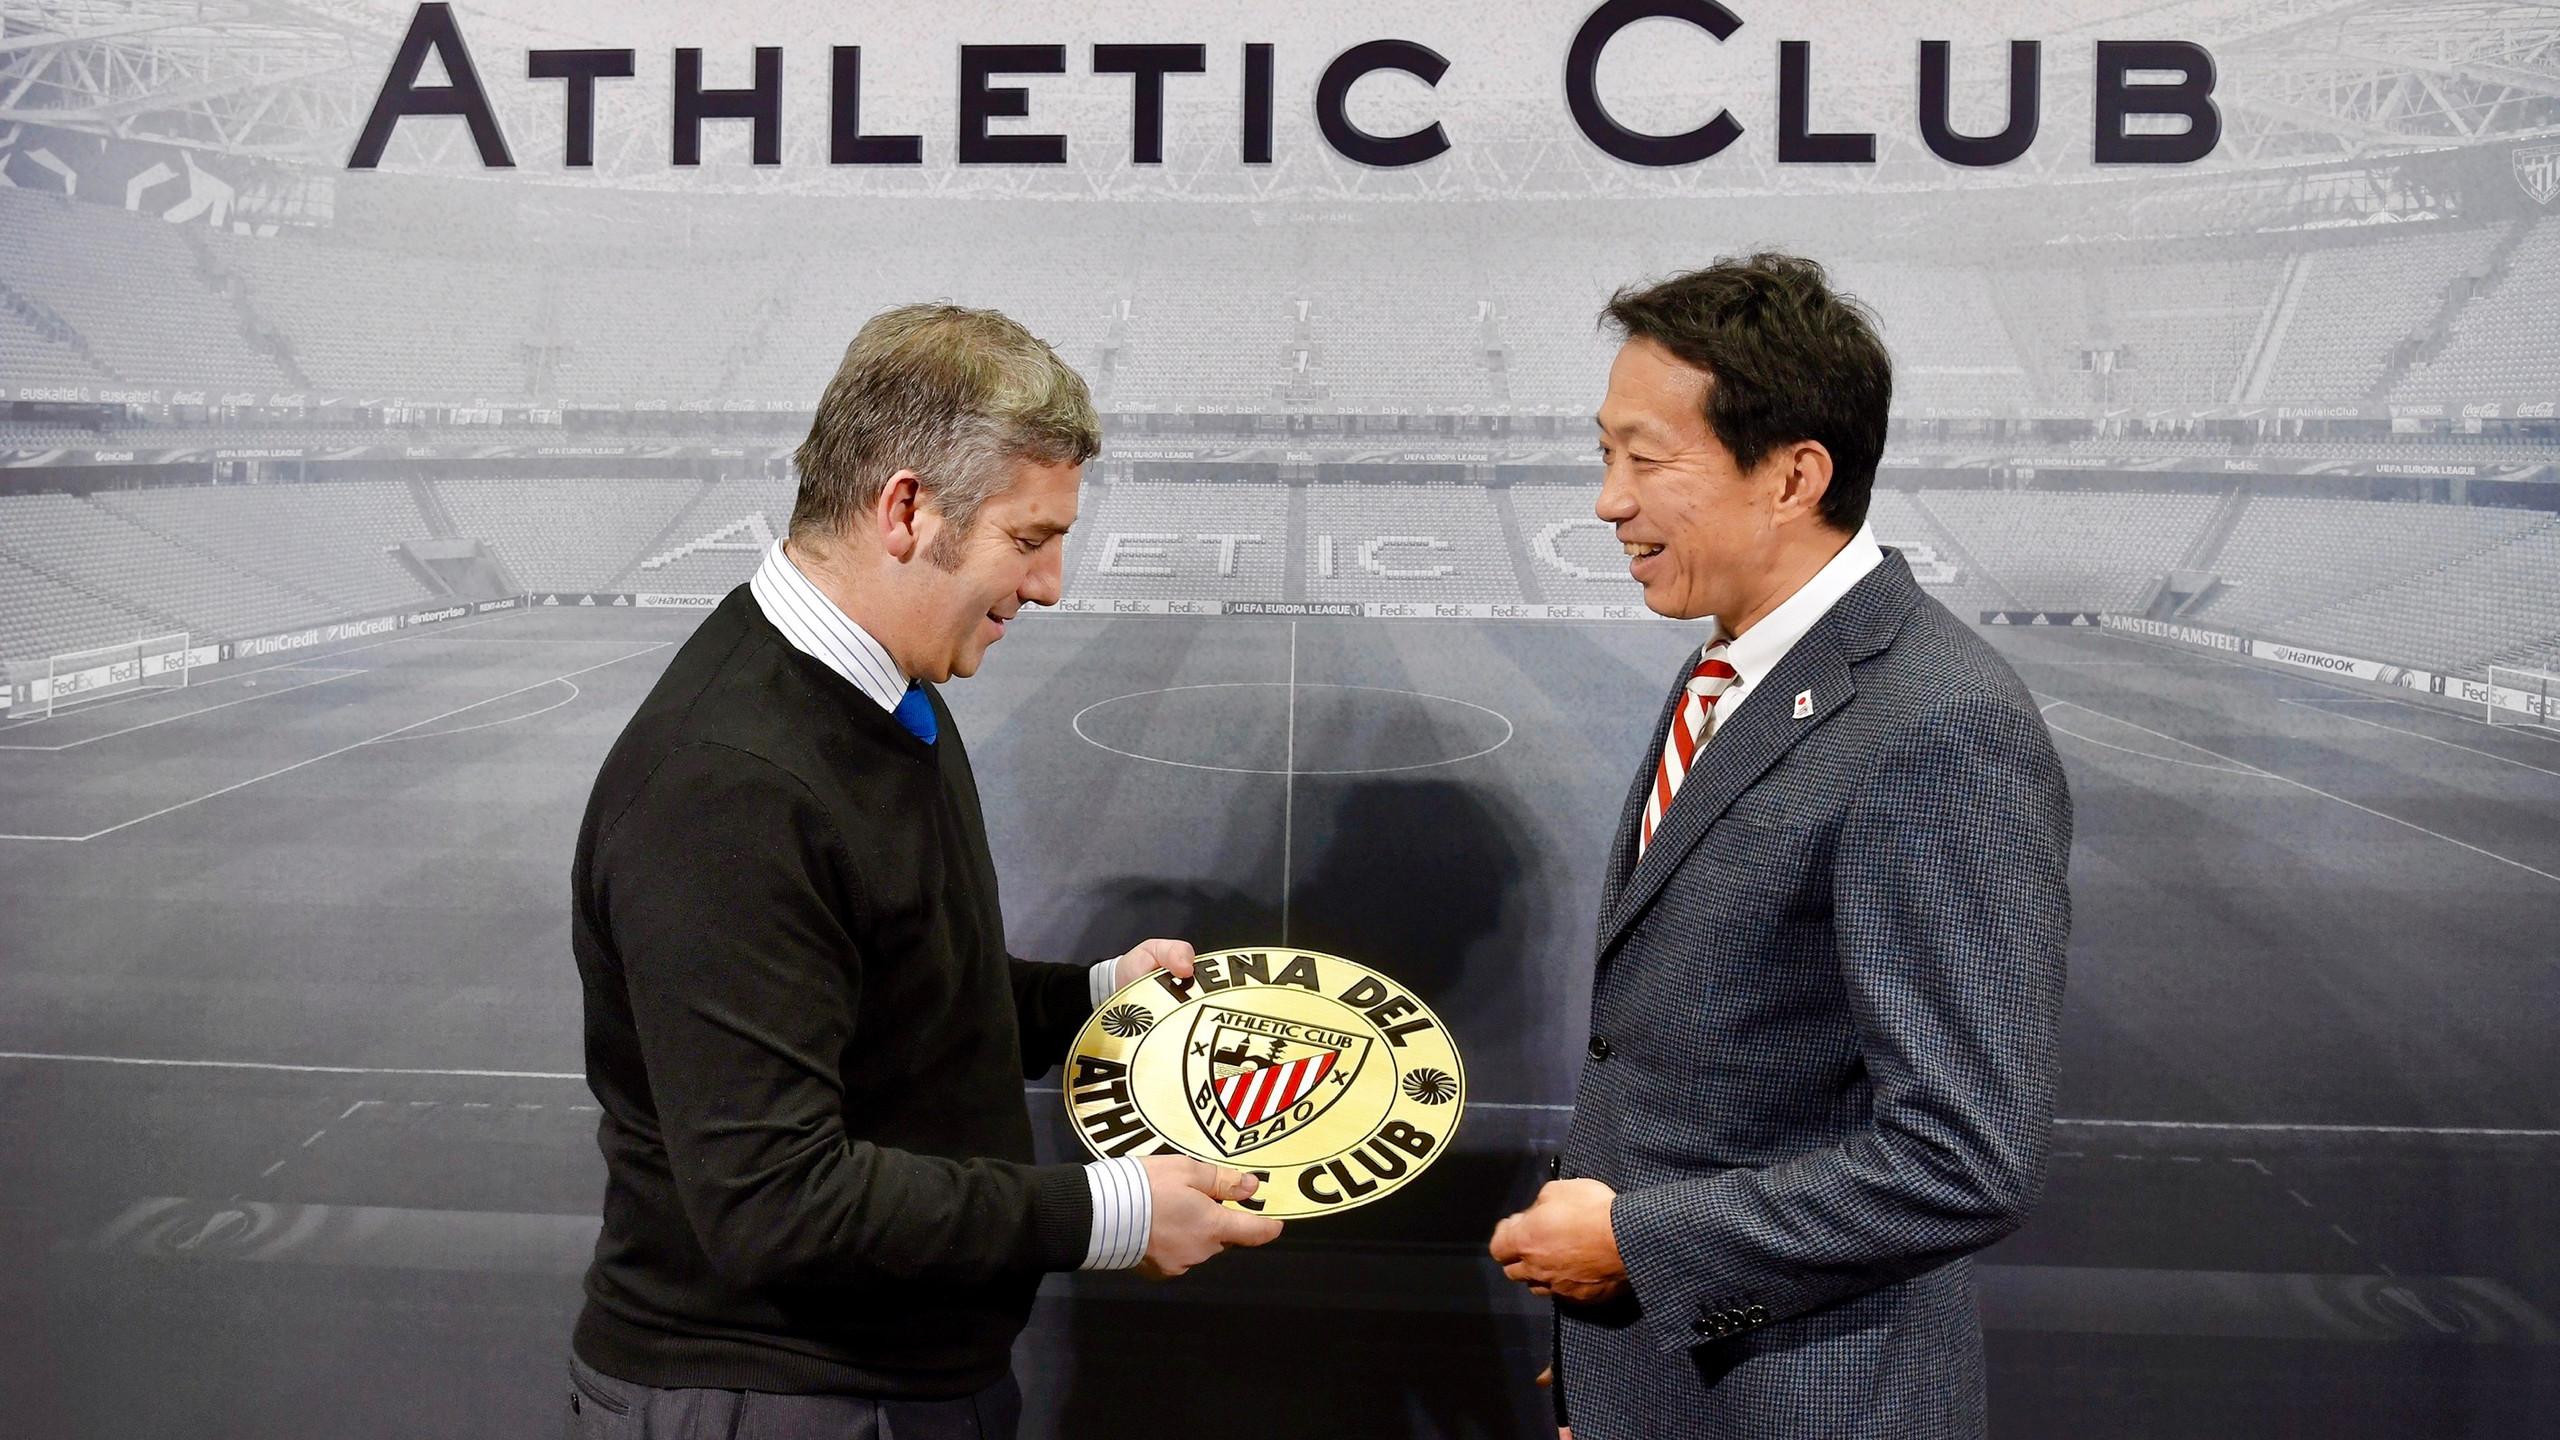 Athletic Club 1